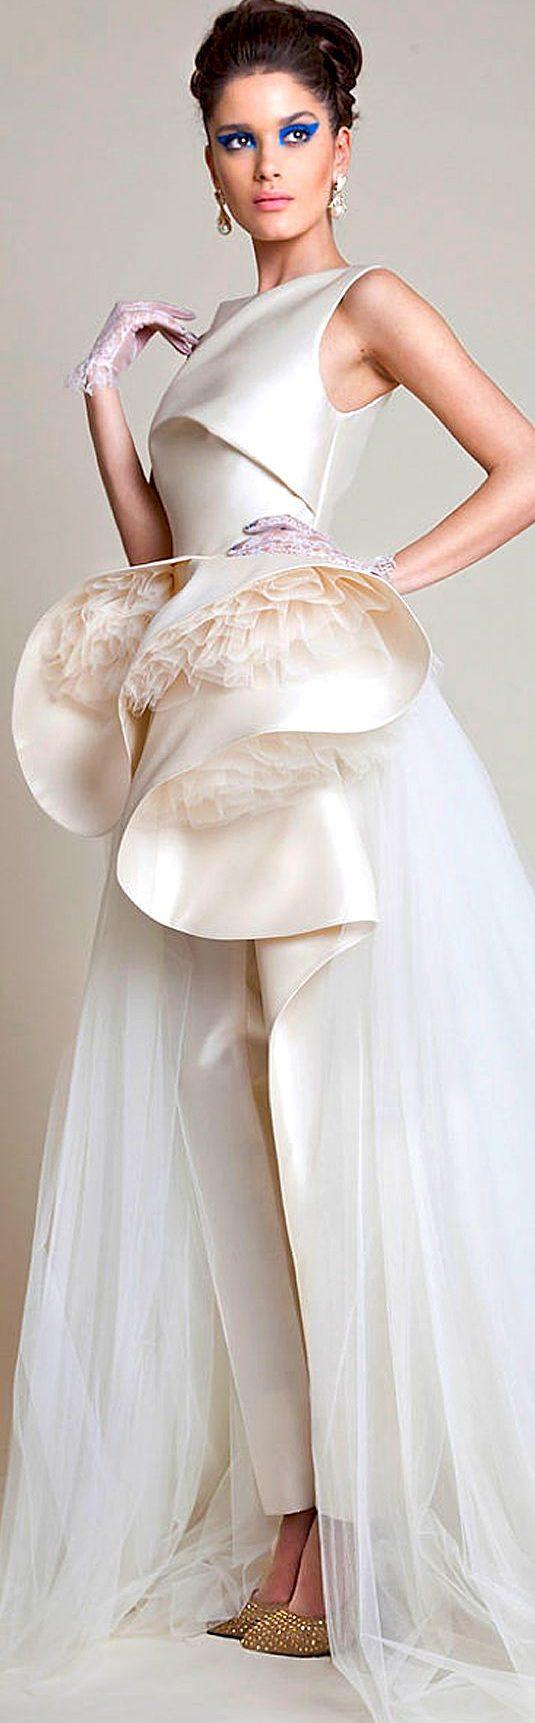 Azzi Osta, vestidos de novias con pantalones para el civil.